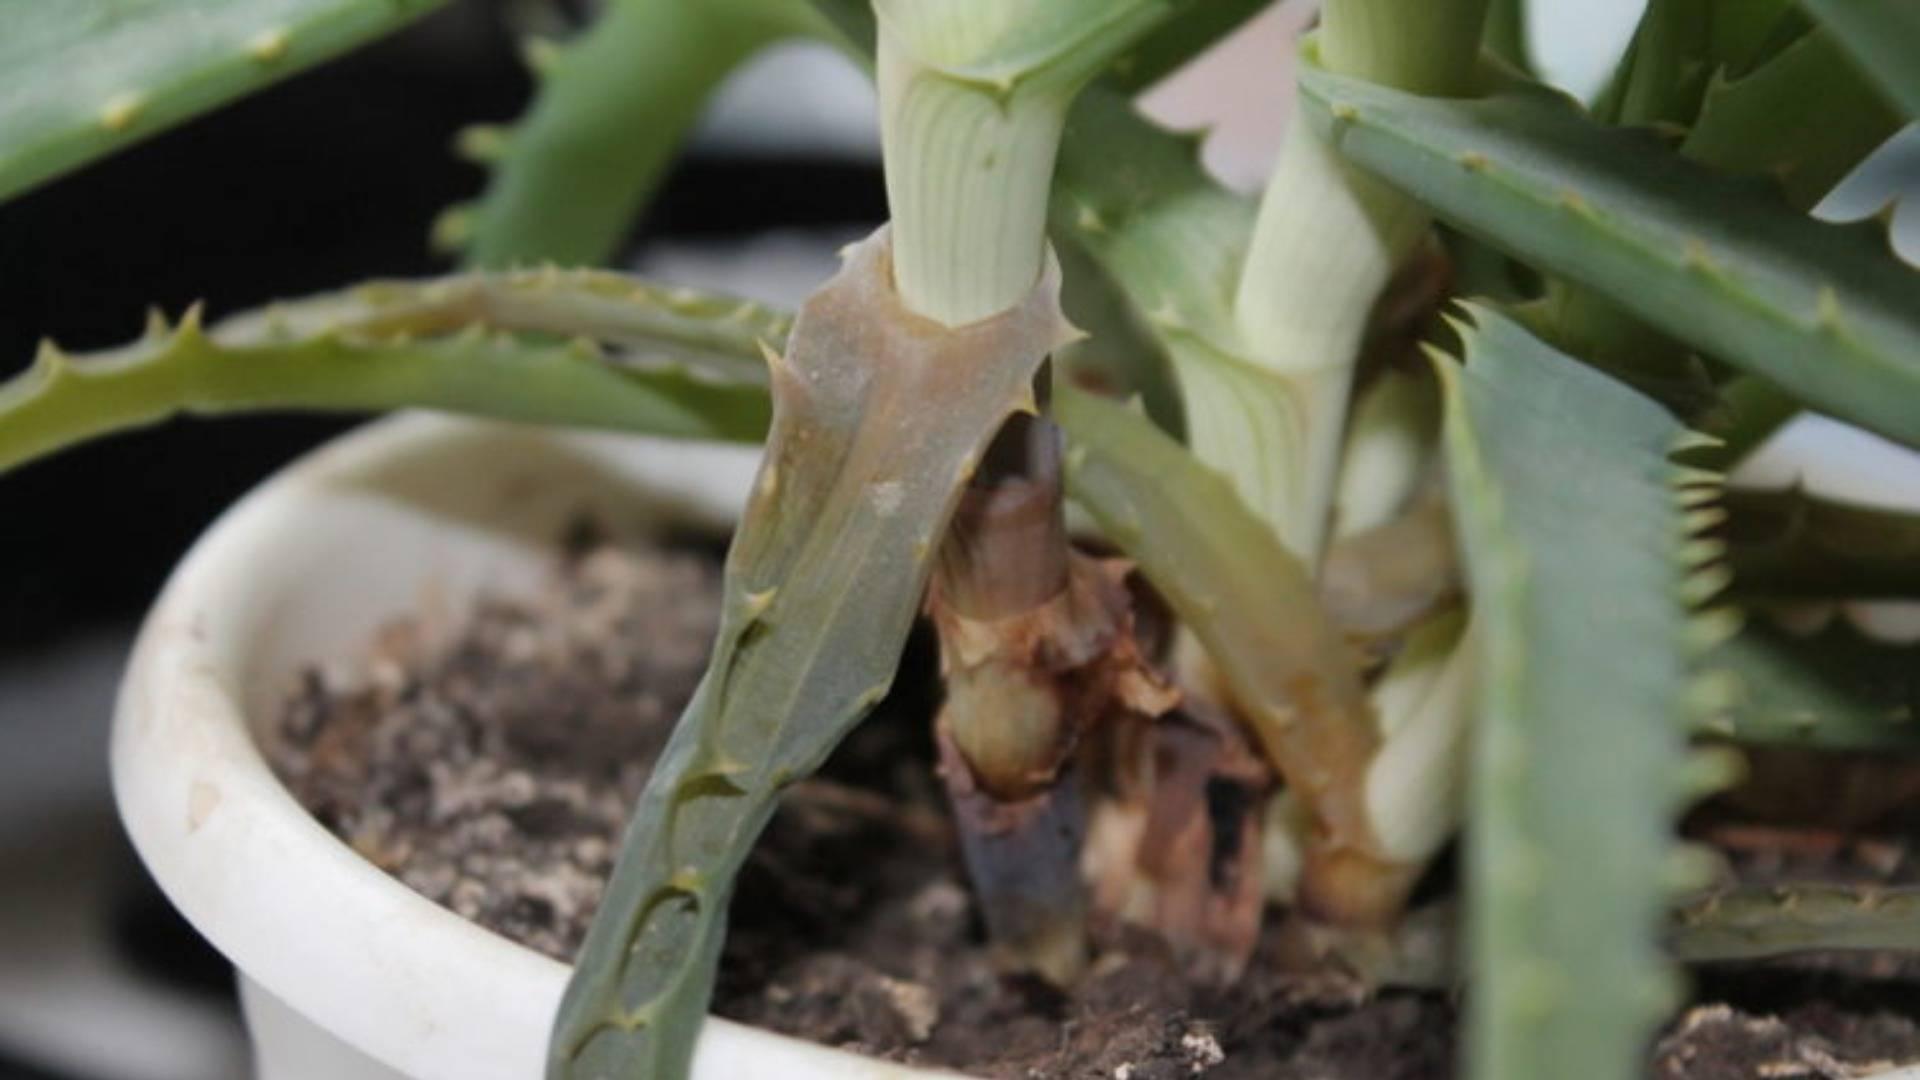 Алоэ: болезни, их лечение, фото и чем исцелить и спасти комнатное растение в домашних условиях, почему оно плохо развивается из-за вредителей, как их убрать?